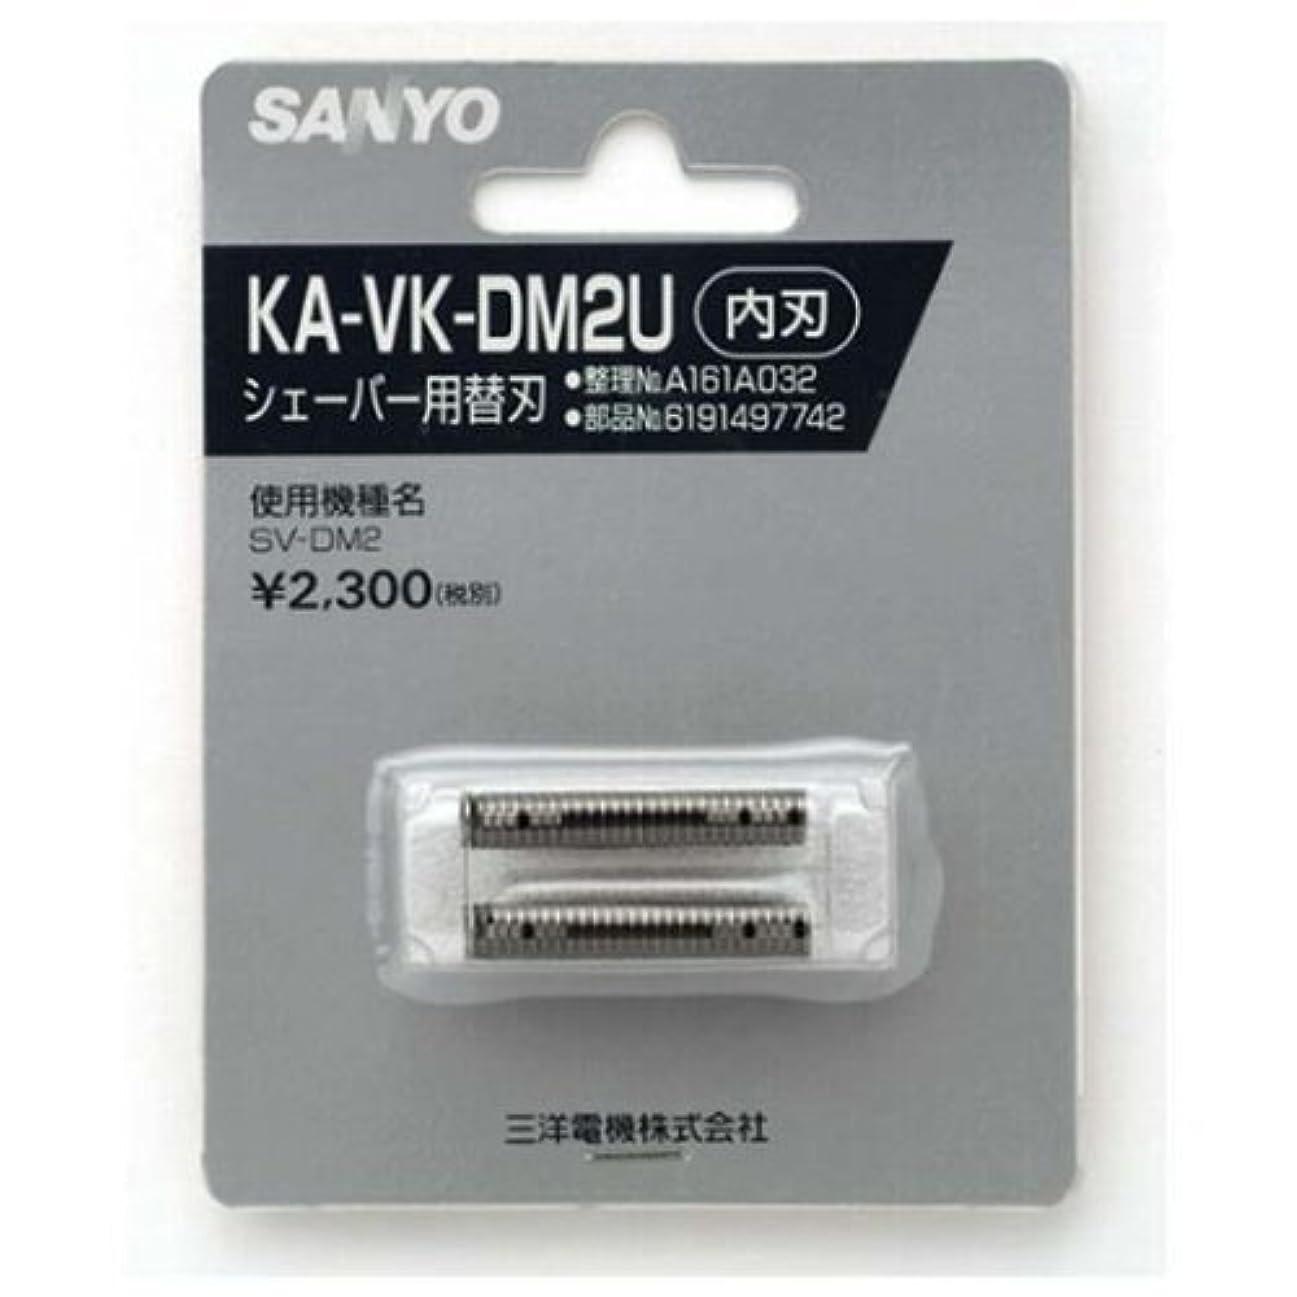 修理工雄弁家特権的サンヨー 交換用替刃(内刃) KA-VK-DM2U